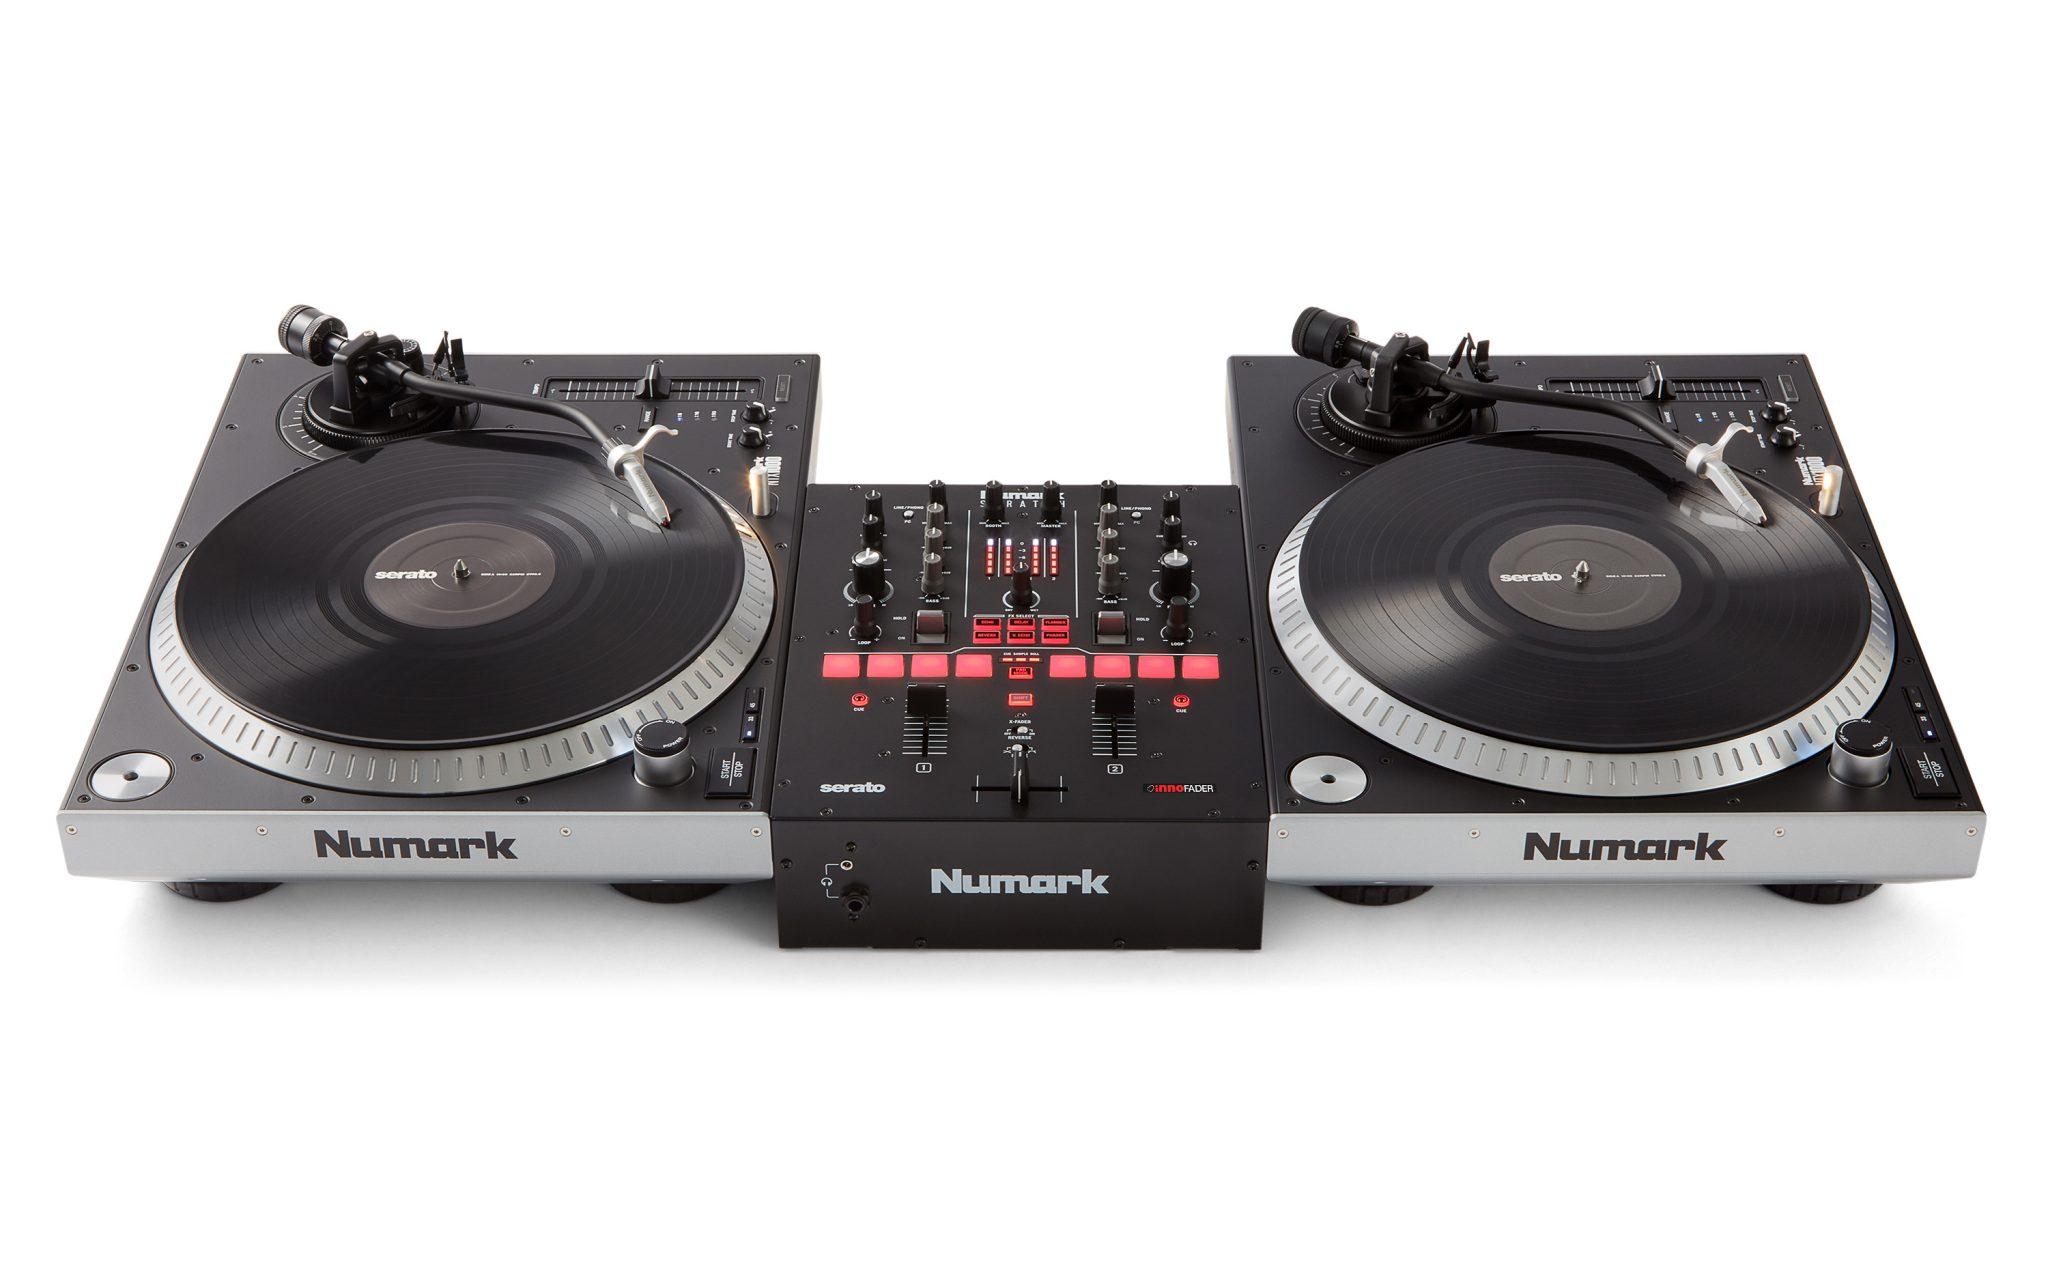 Numark Introduces New 24-Bit 2-Channel Scratch Mixer, Numark